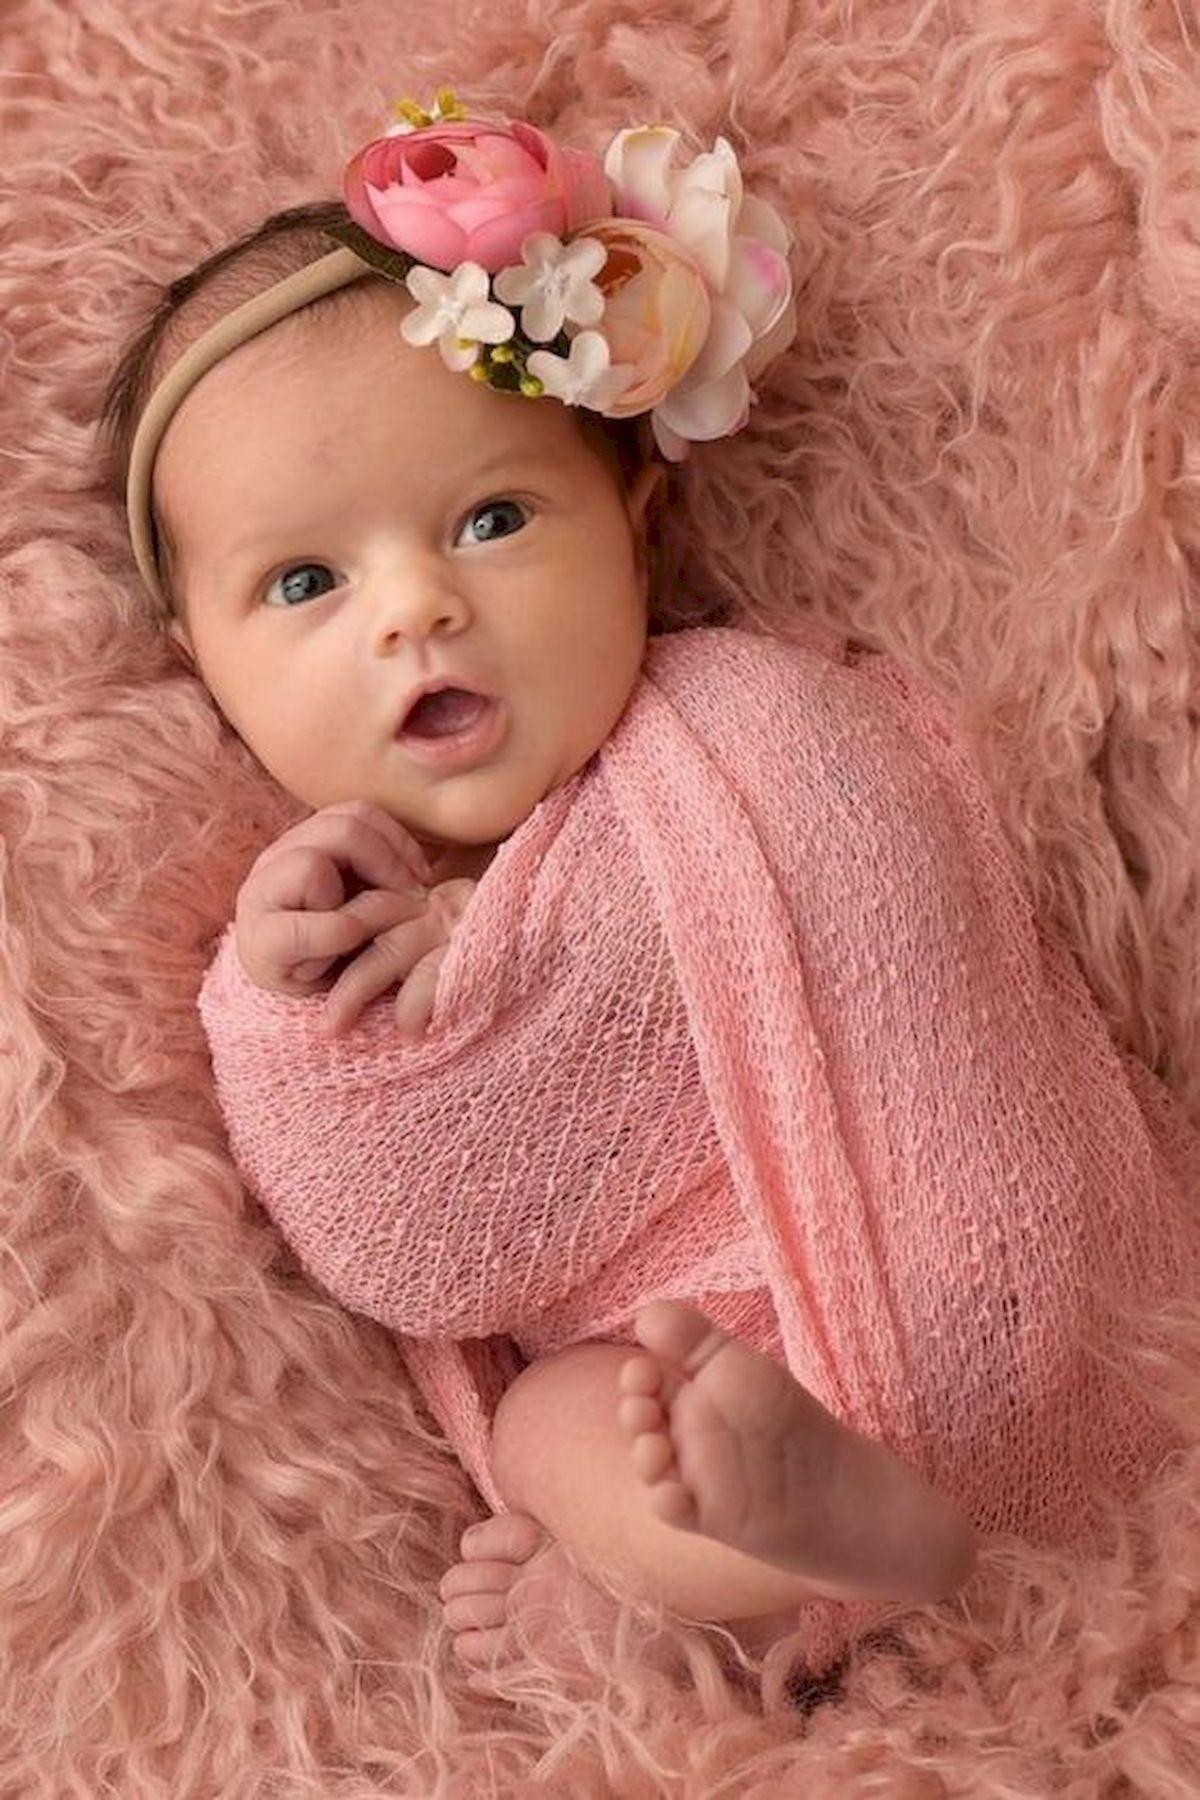 Фото красивые новорожденных, поздравления днем